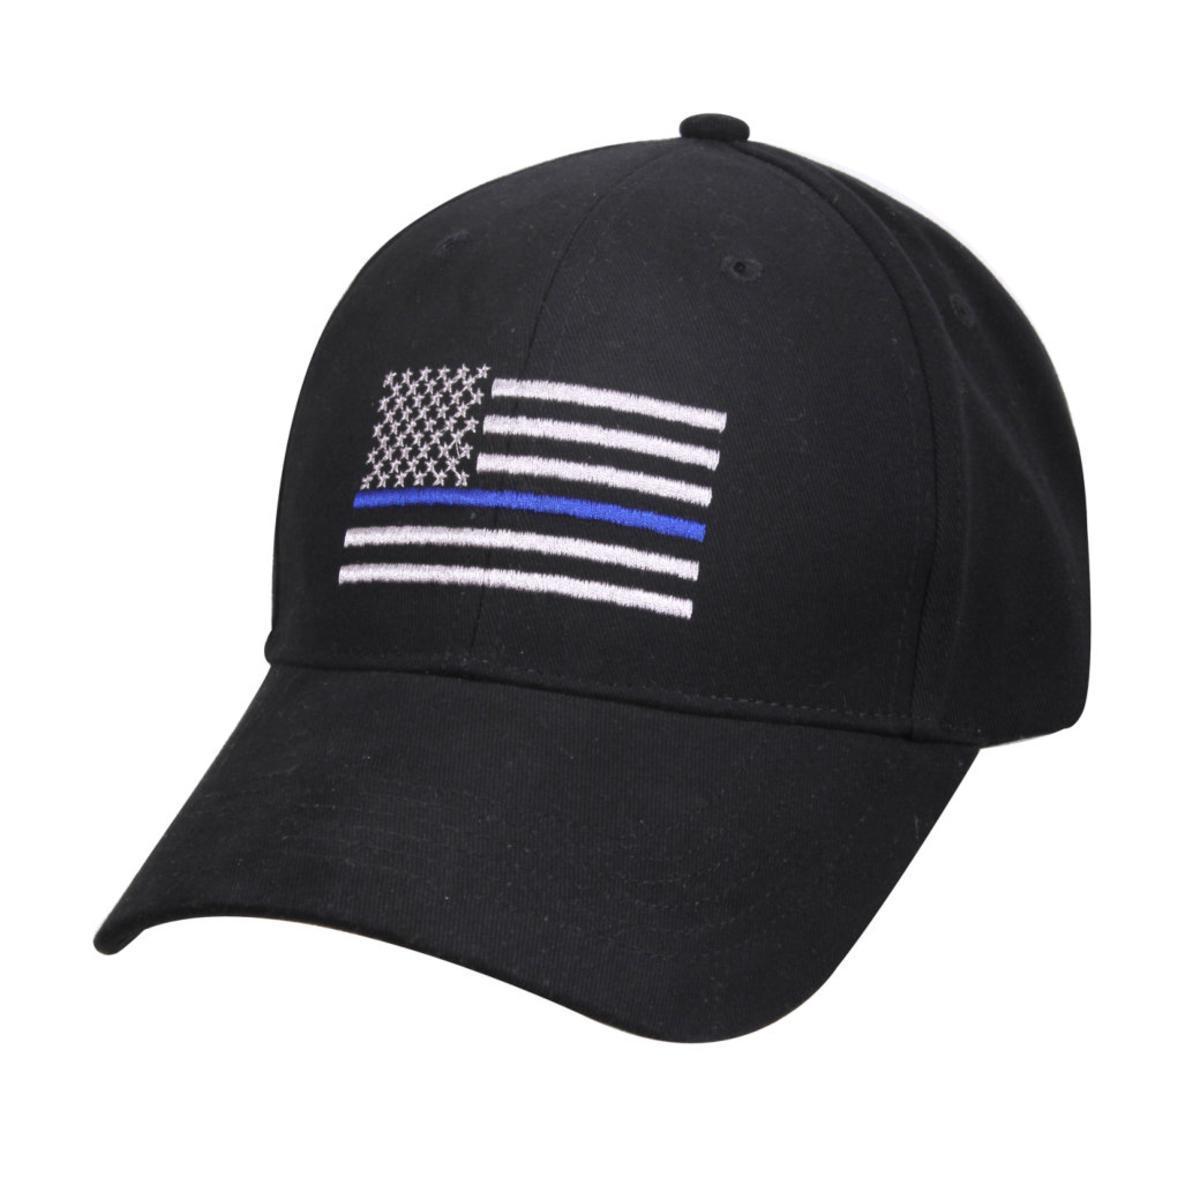 [해외]미국 국기 얇은 파란 선 깃발 경찰 법 집행을낮은 프로필 전술의 모자 뒤로 파란색 수 놓은 모자/American Flag Thin Blue Line Flag Low Profile Tactical Hats For Police Law Enforcement Back